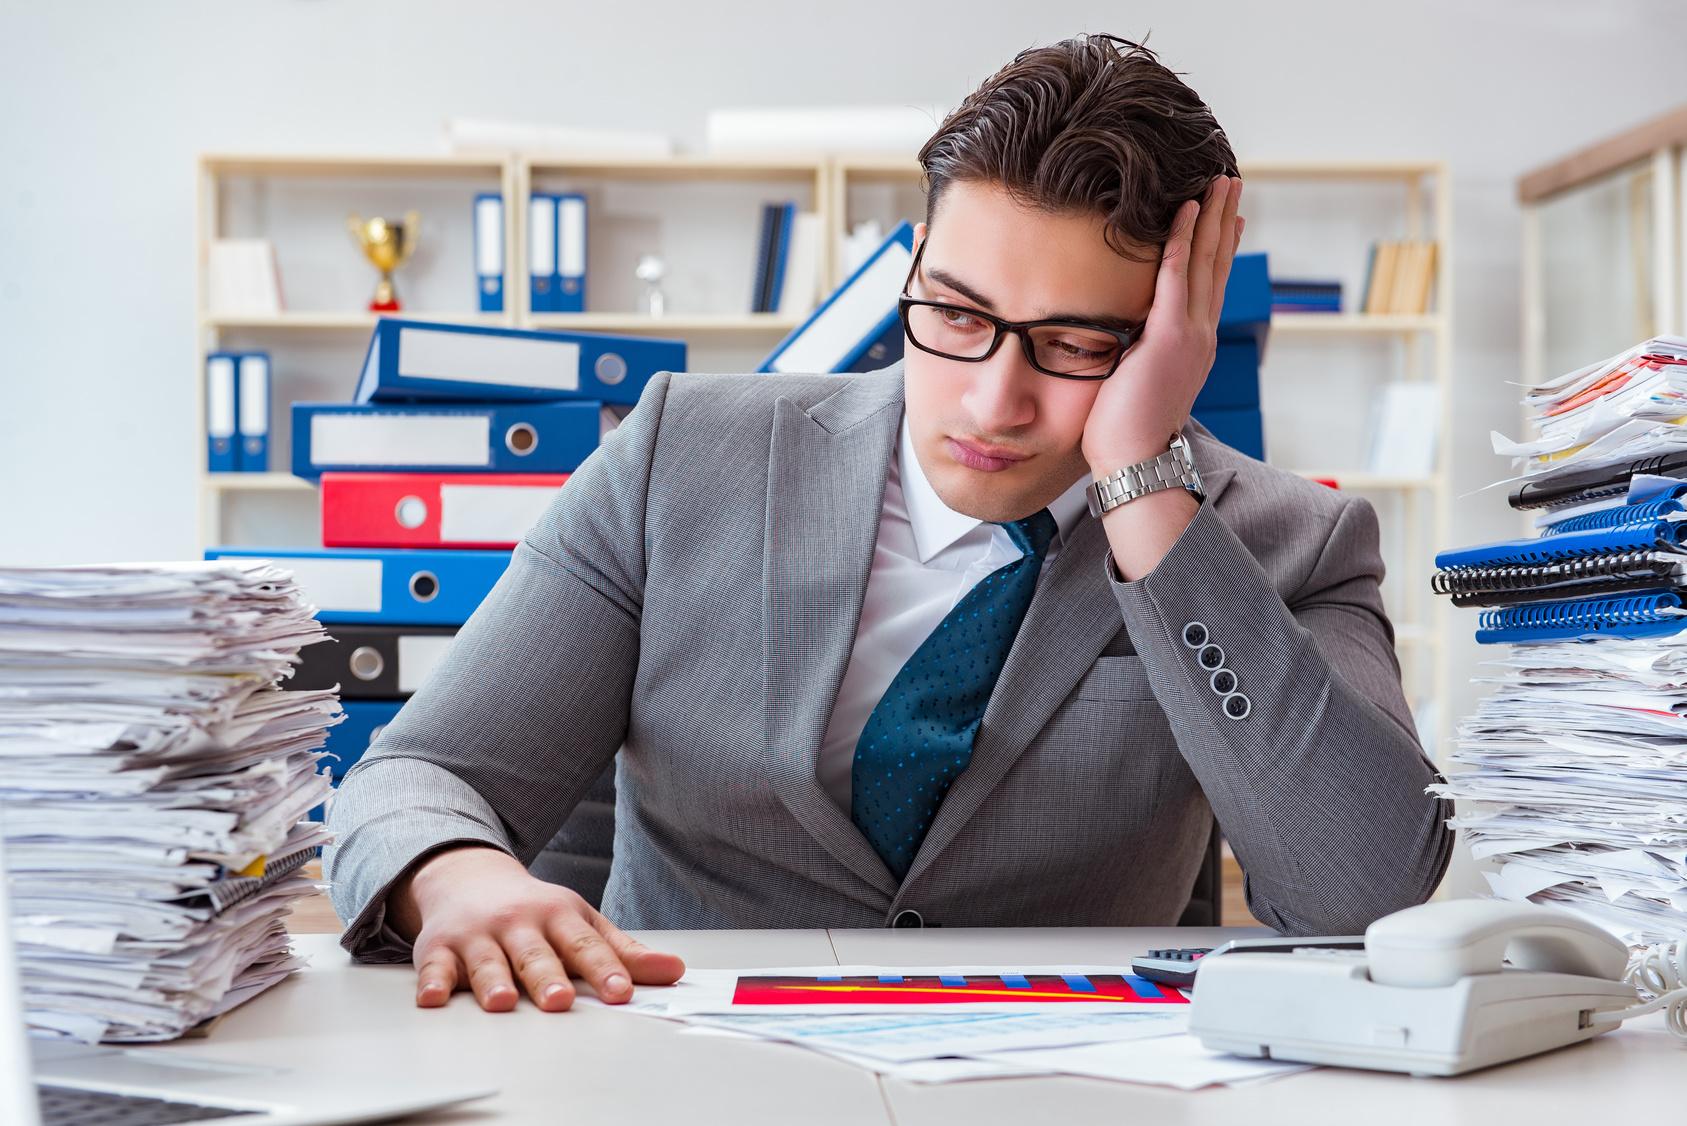 Comment améliorer votre productivité (2) ? La matrice Eisenhower